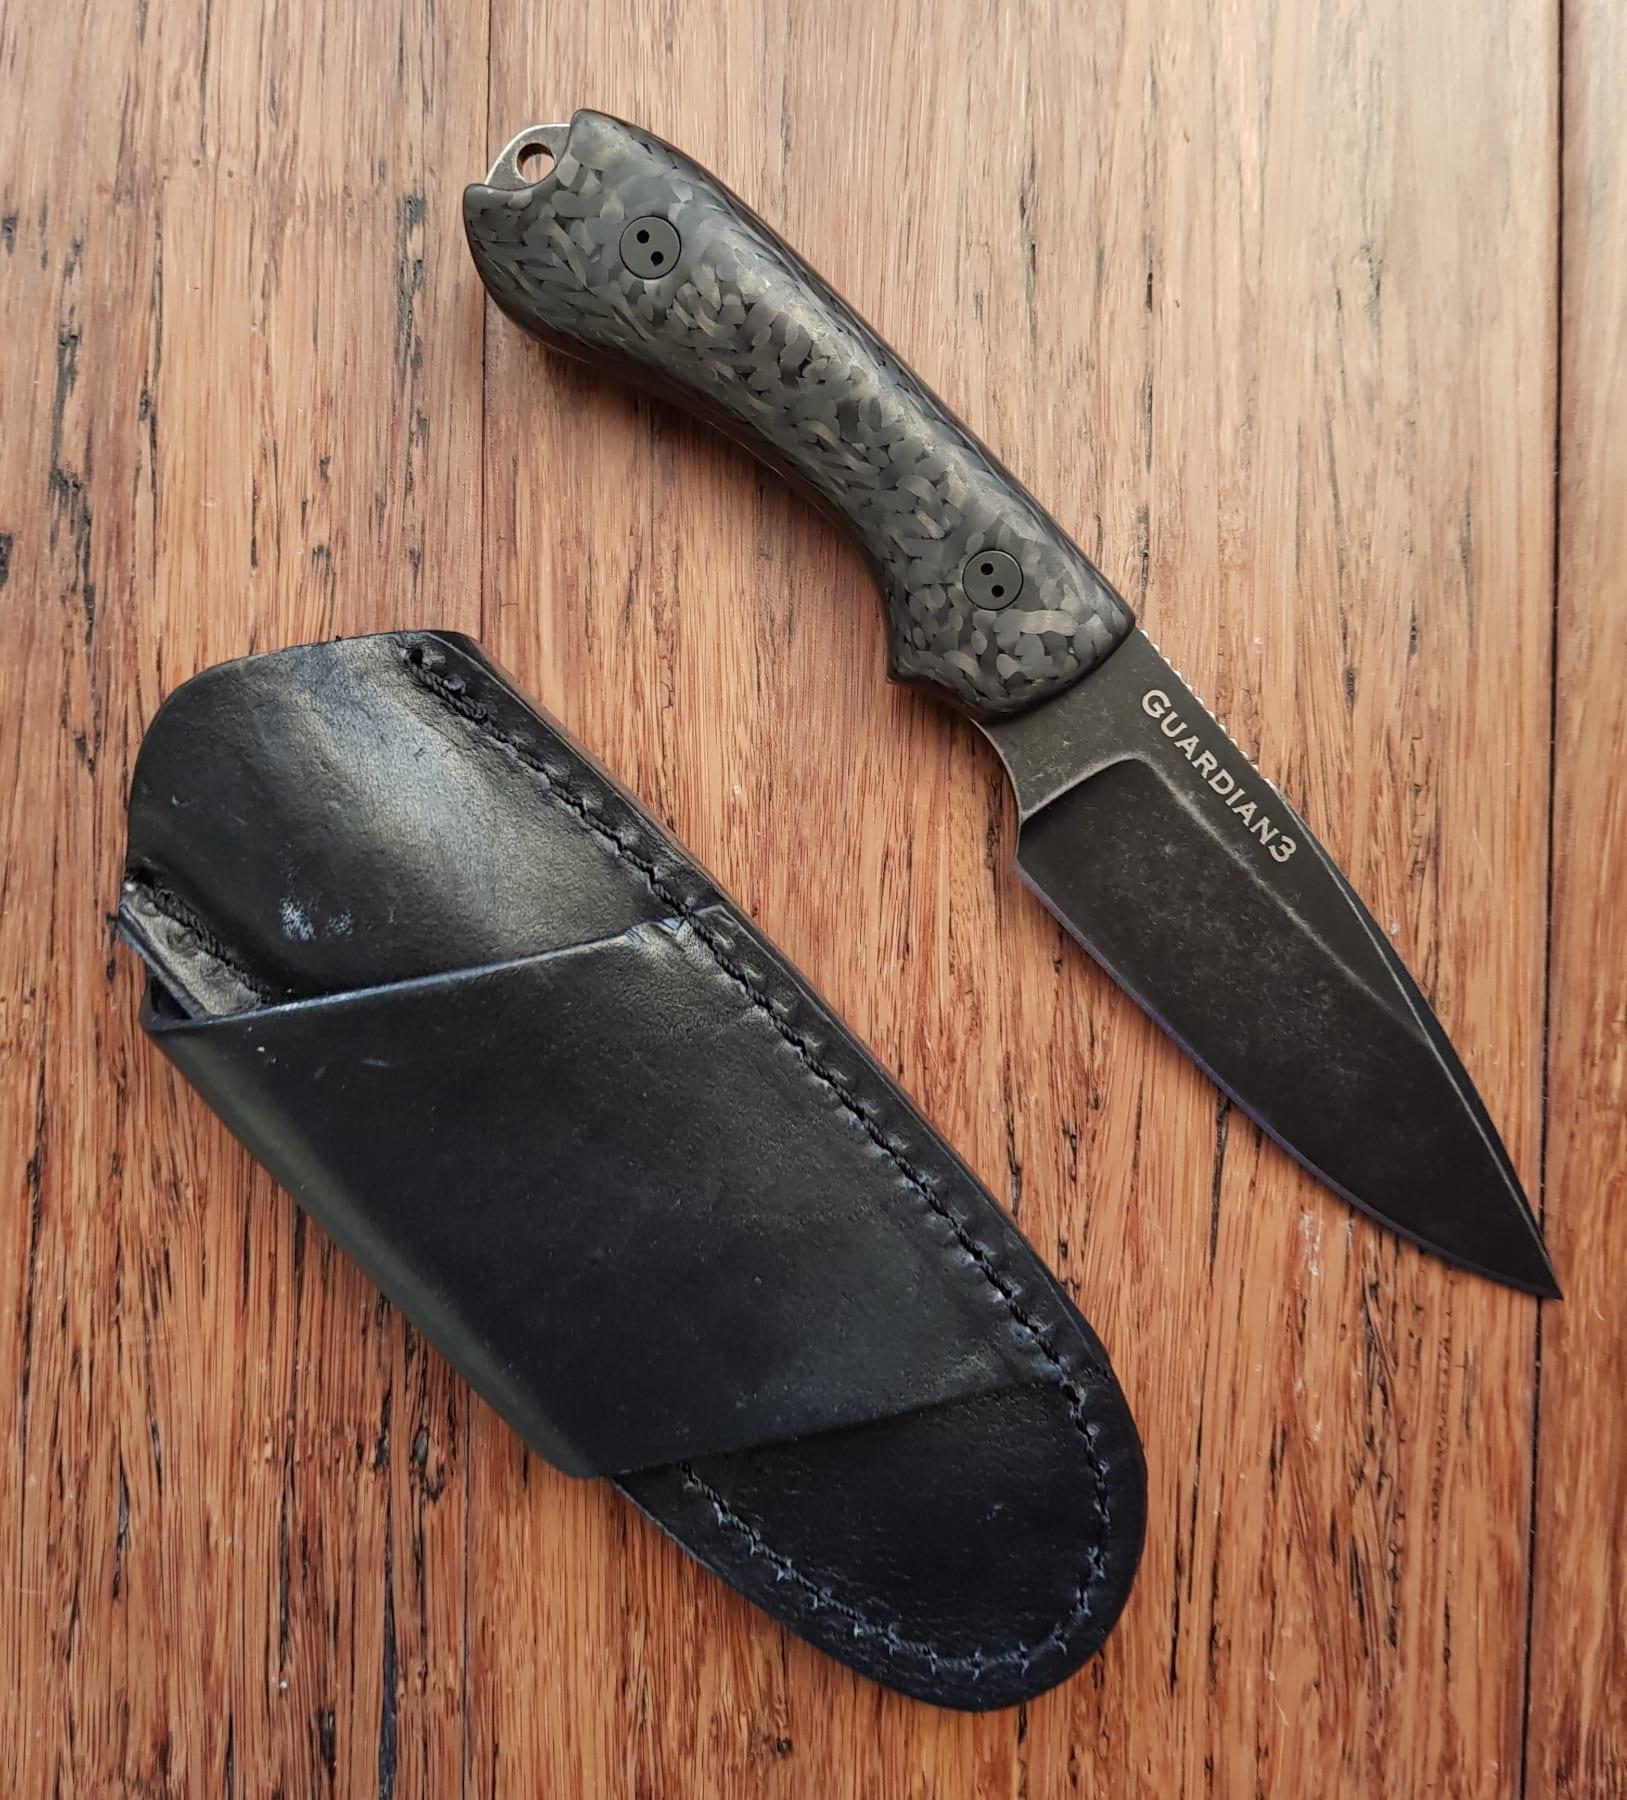 Bradford Knives Guardian 3 3D Black Micarta N690 False Edge Come and Take It